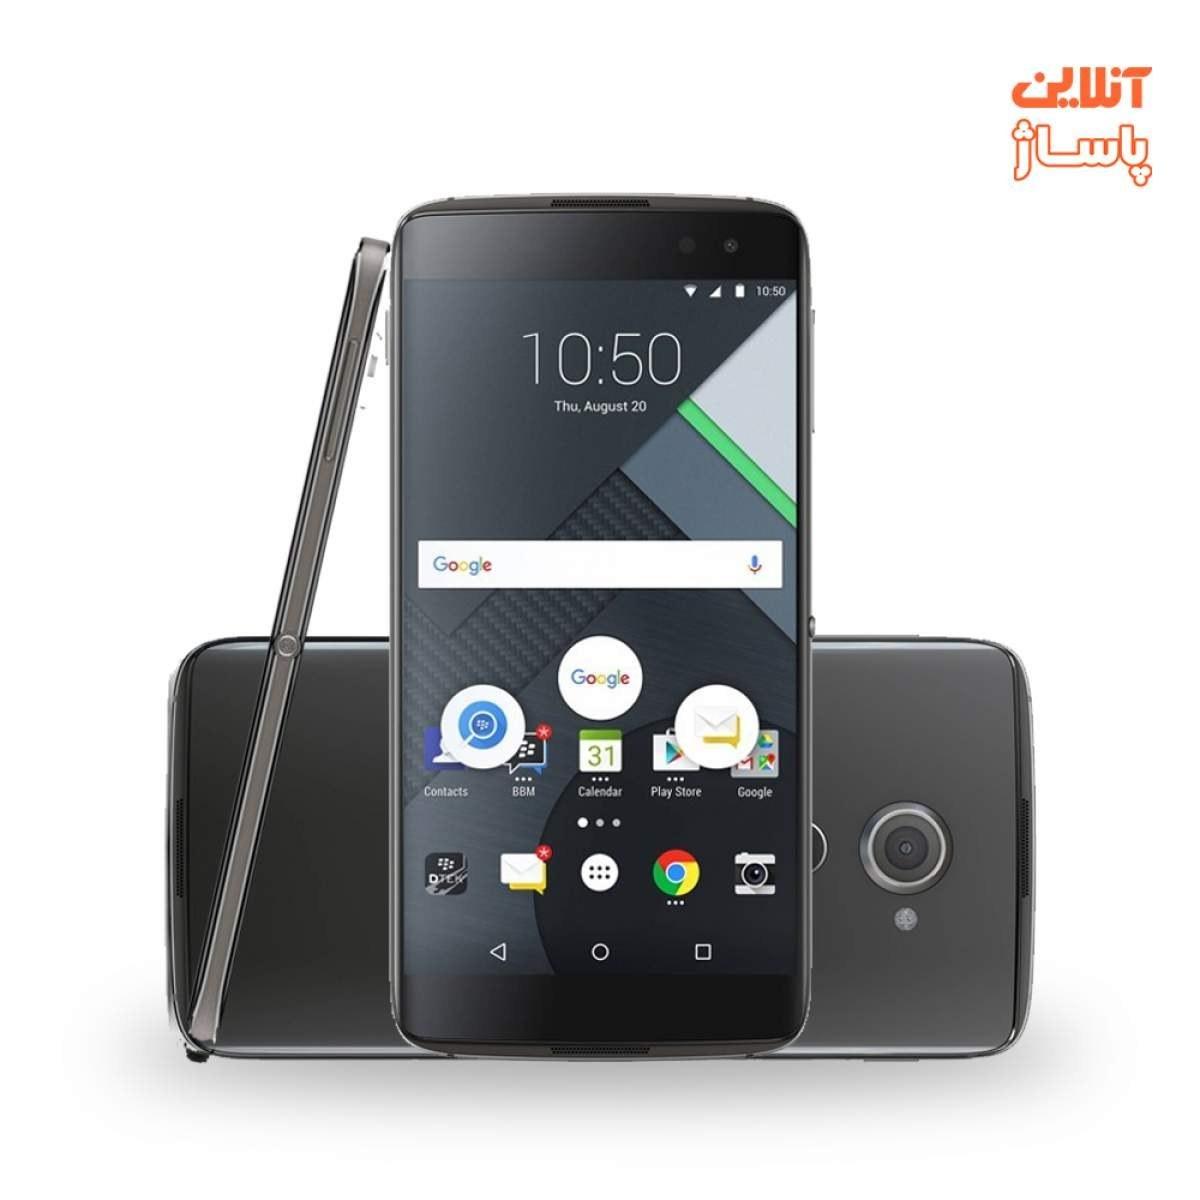 تصویر گوشی موبایل بلک بری مدل DTEK60 BBA100-2 BlackBerry DTEK60 BBA100-2 Mobile Phone